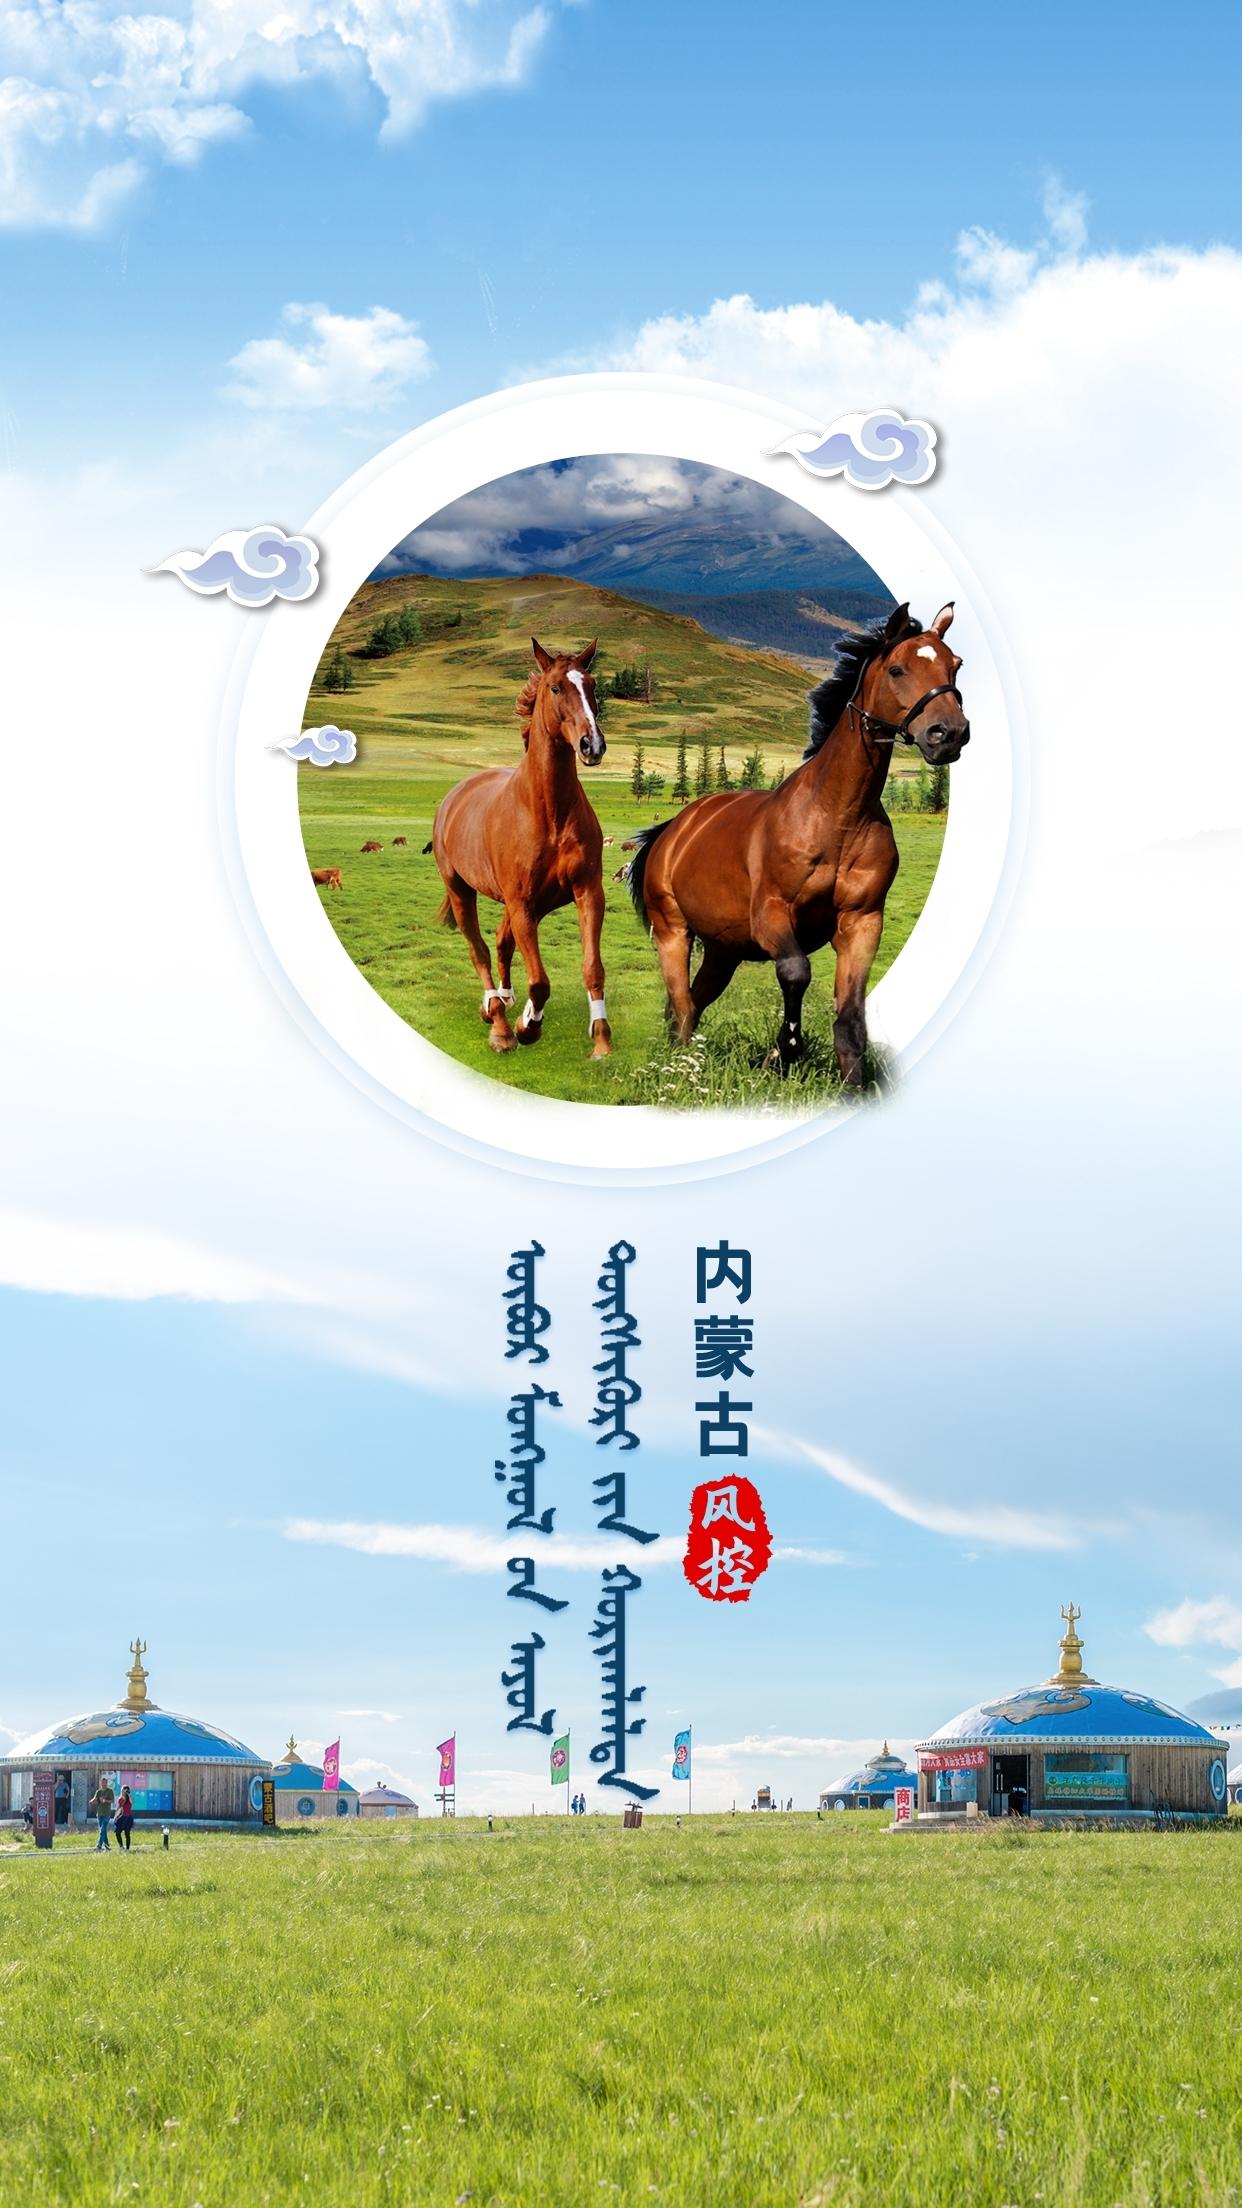 内蒙古风控